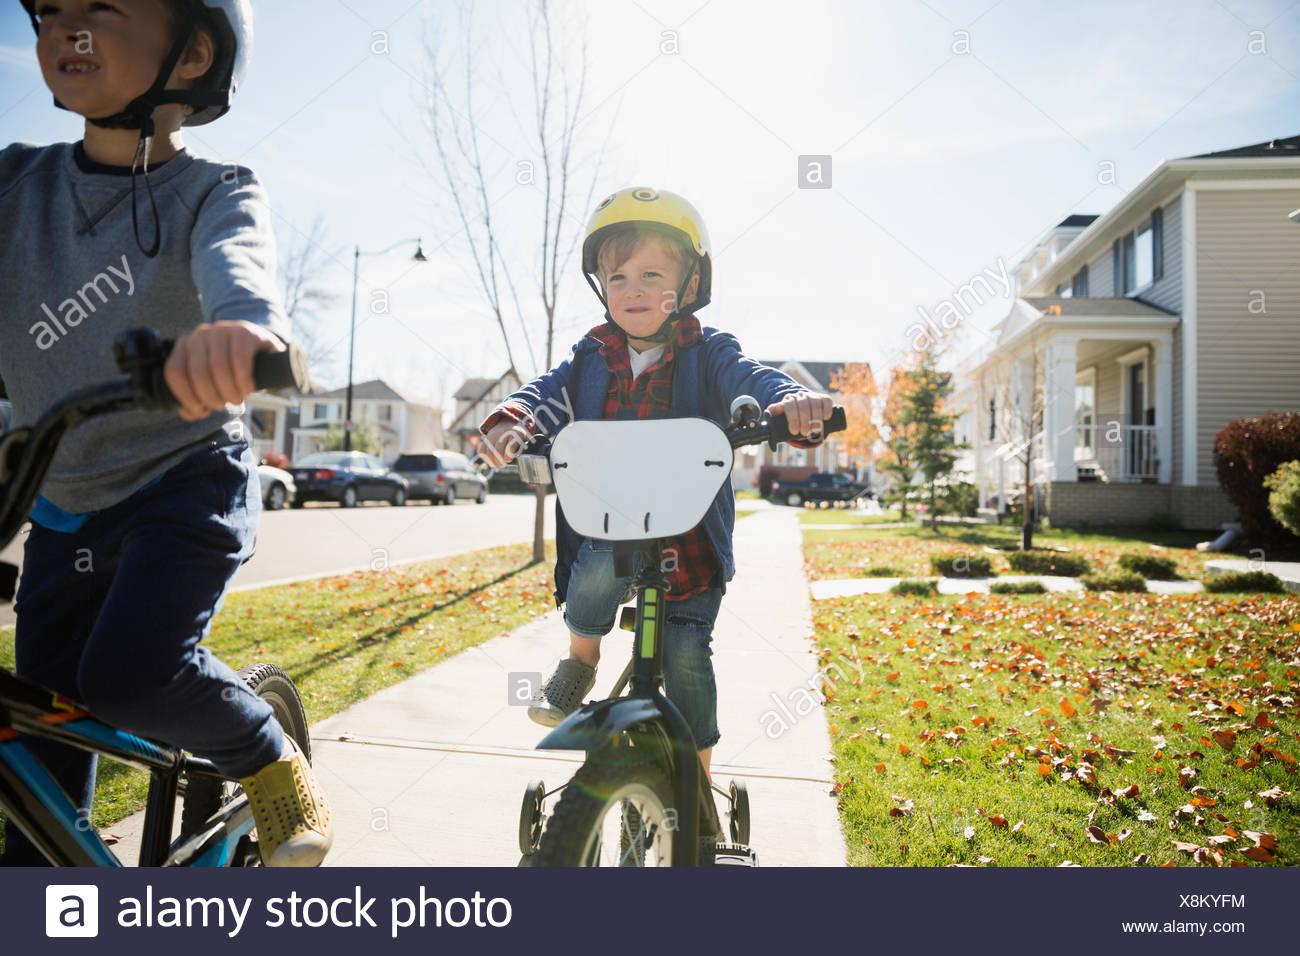 Les garçons faire du vélo sur les trottoirs du quartier d'automne Photo Stock